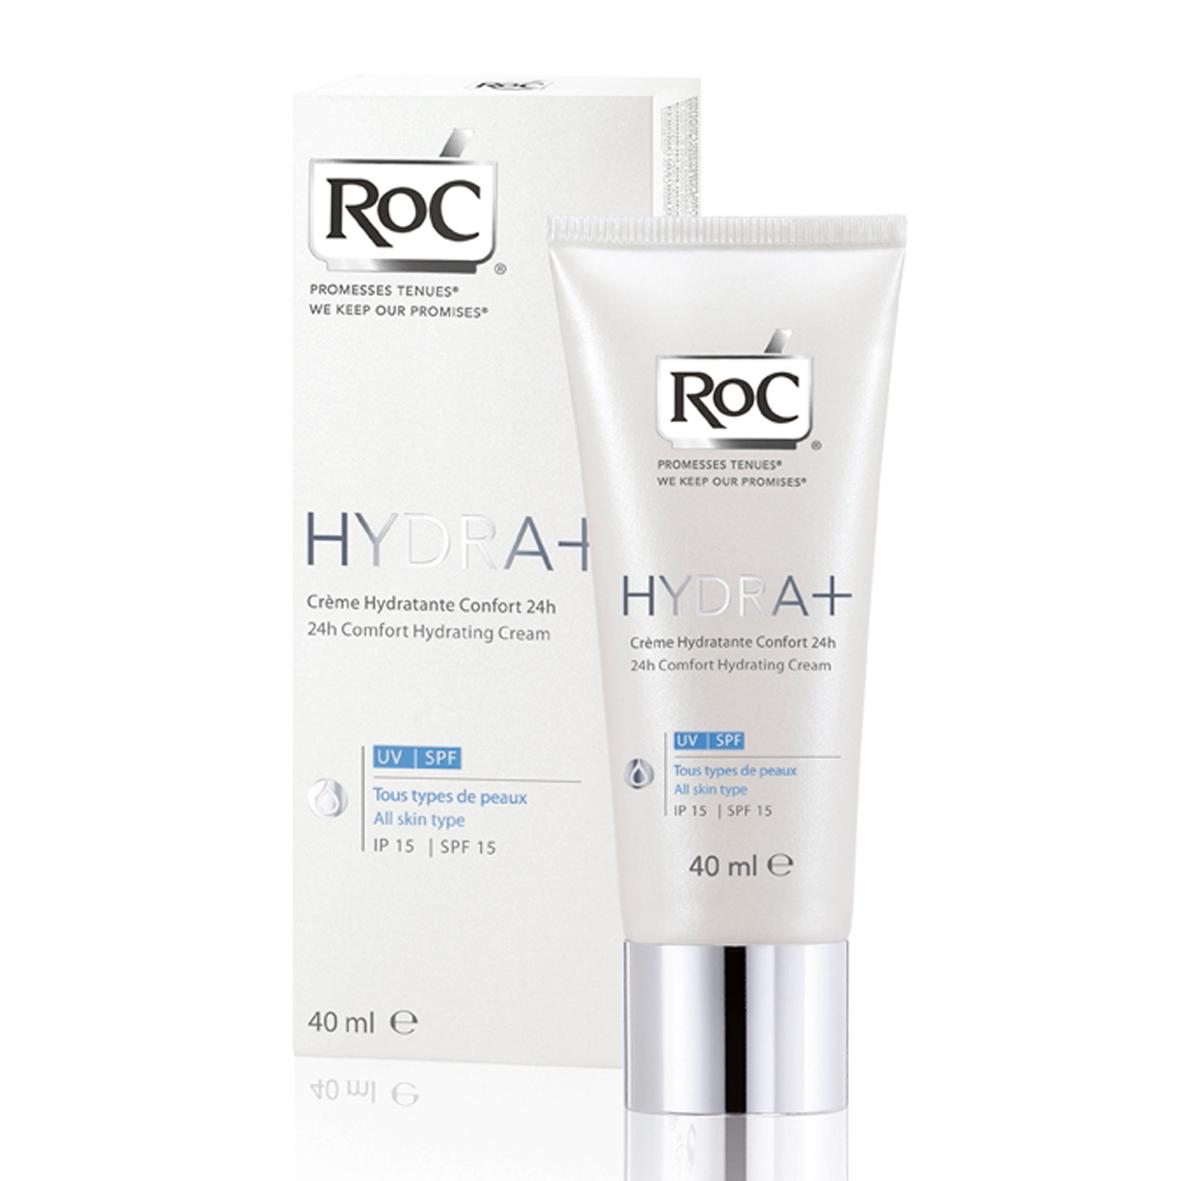 RoC Hydra+ 24h Comfort UV/SPF hidratantna krema SPF15 za sve tipove kože